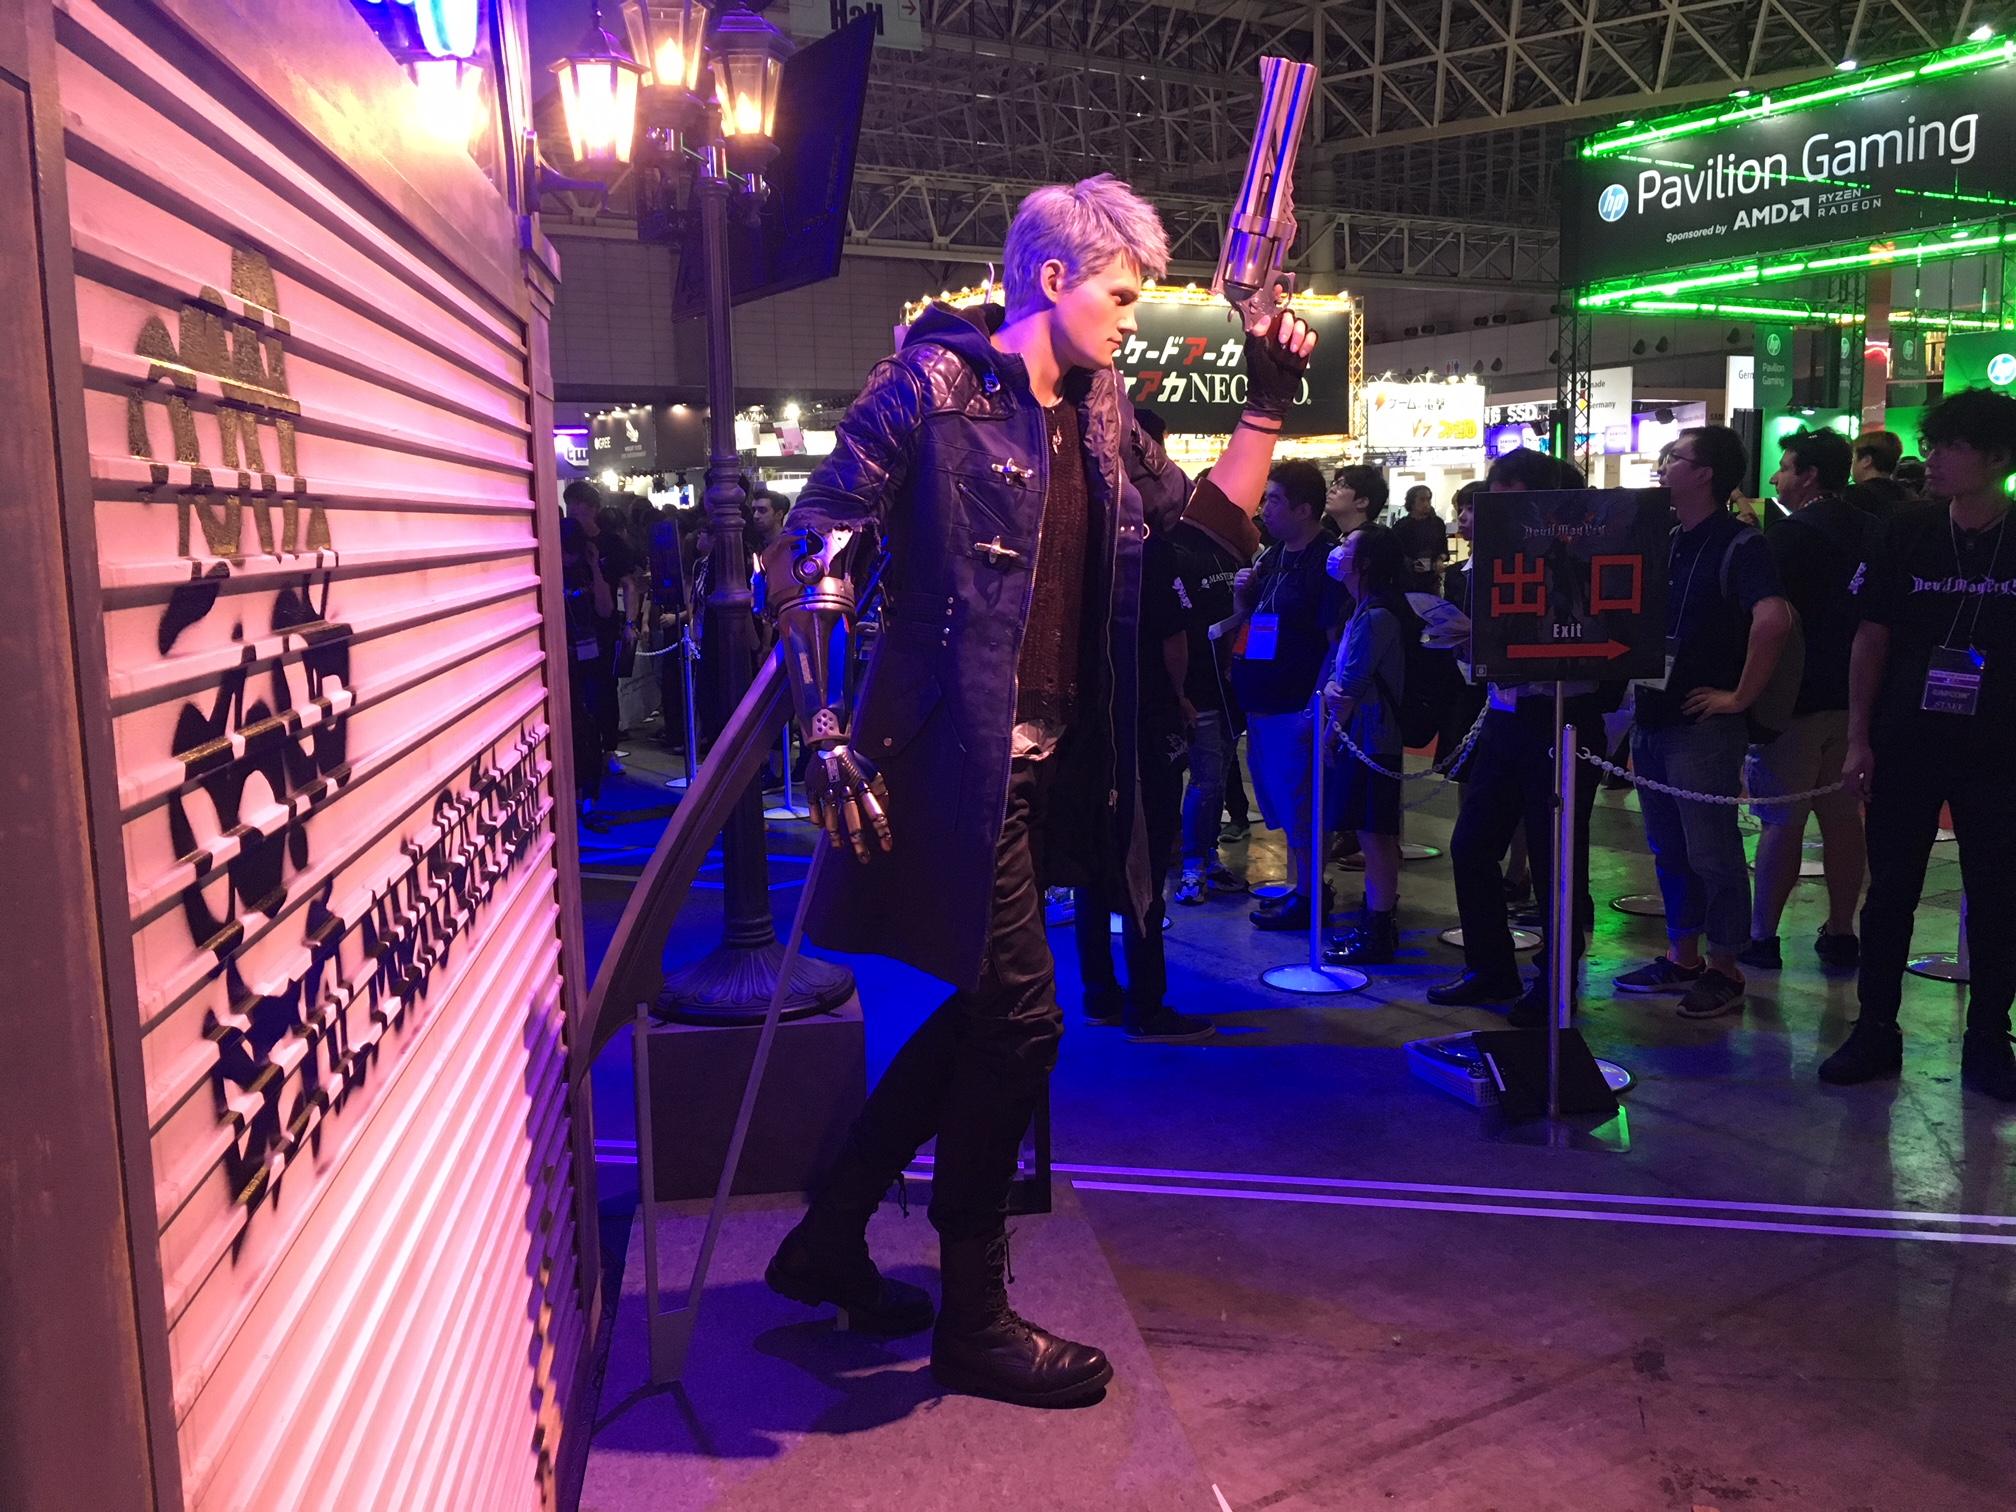 TGS2018:《鬼泣5》真人雕像亮相 还原度高尼禄太帅了